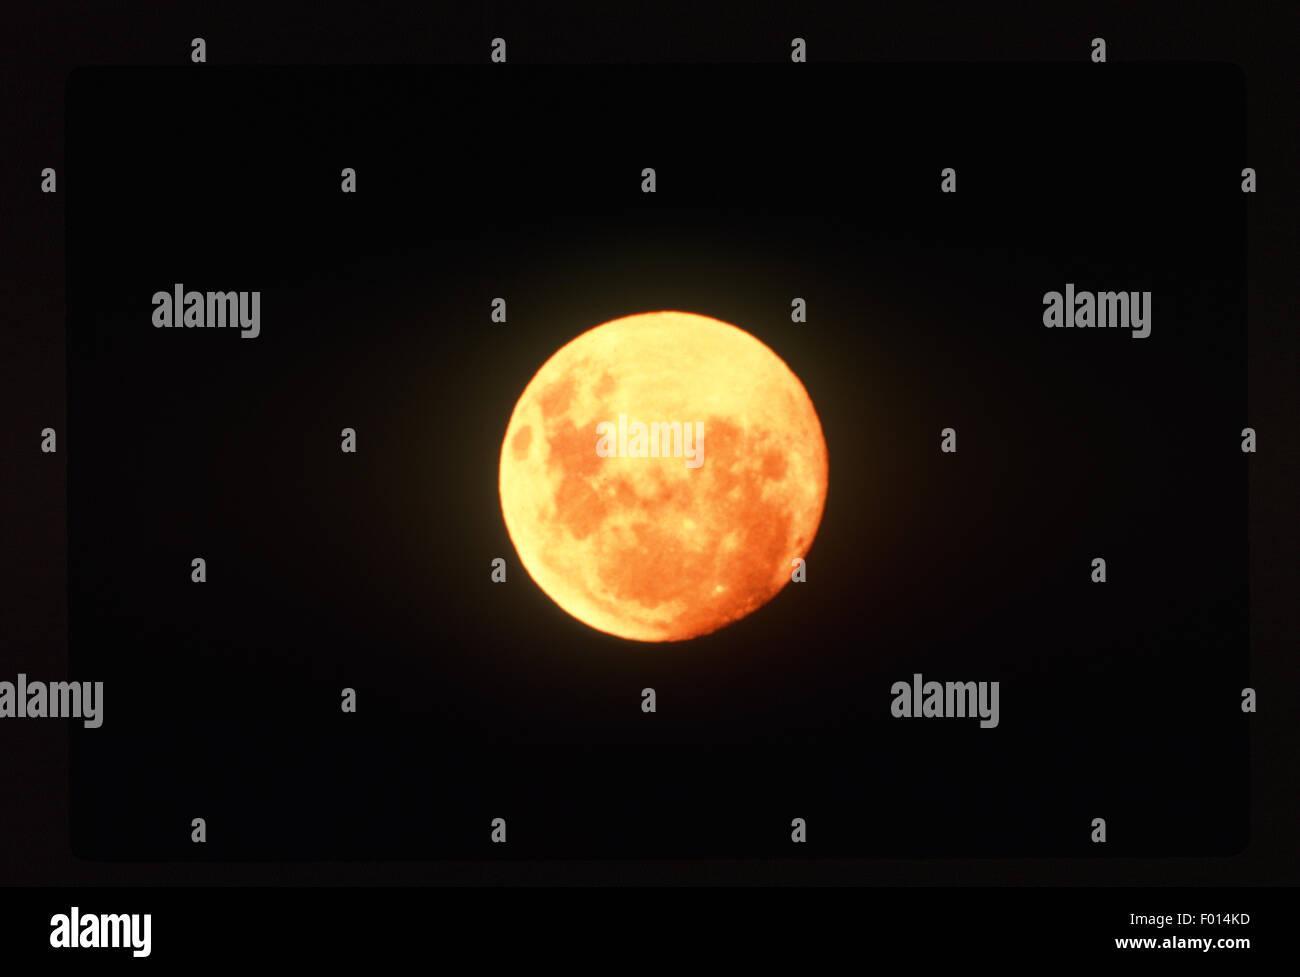 orange full moon in black sky - Stock Image